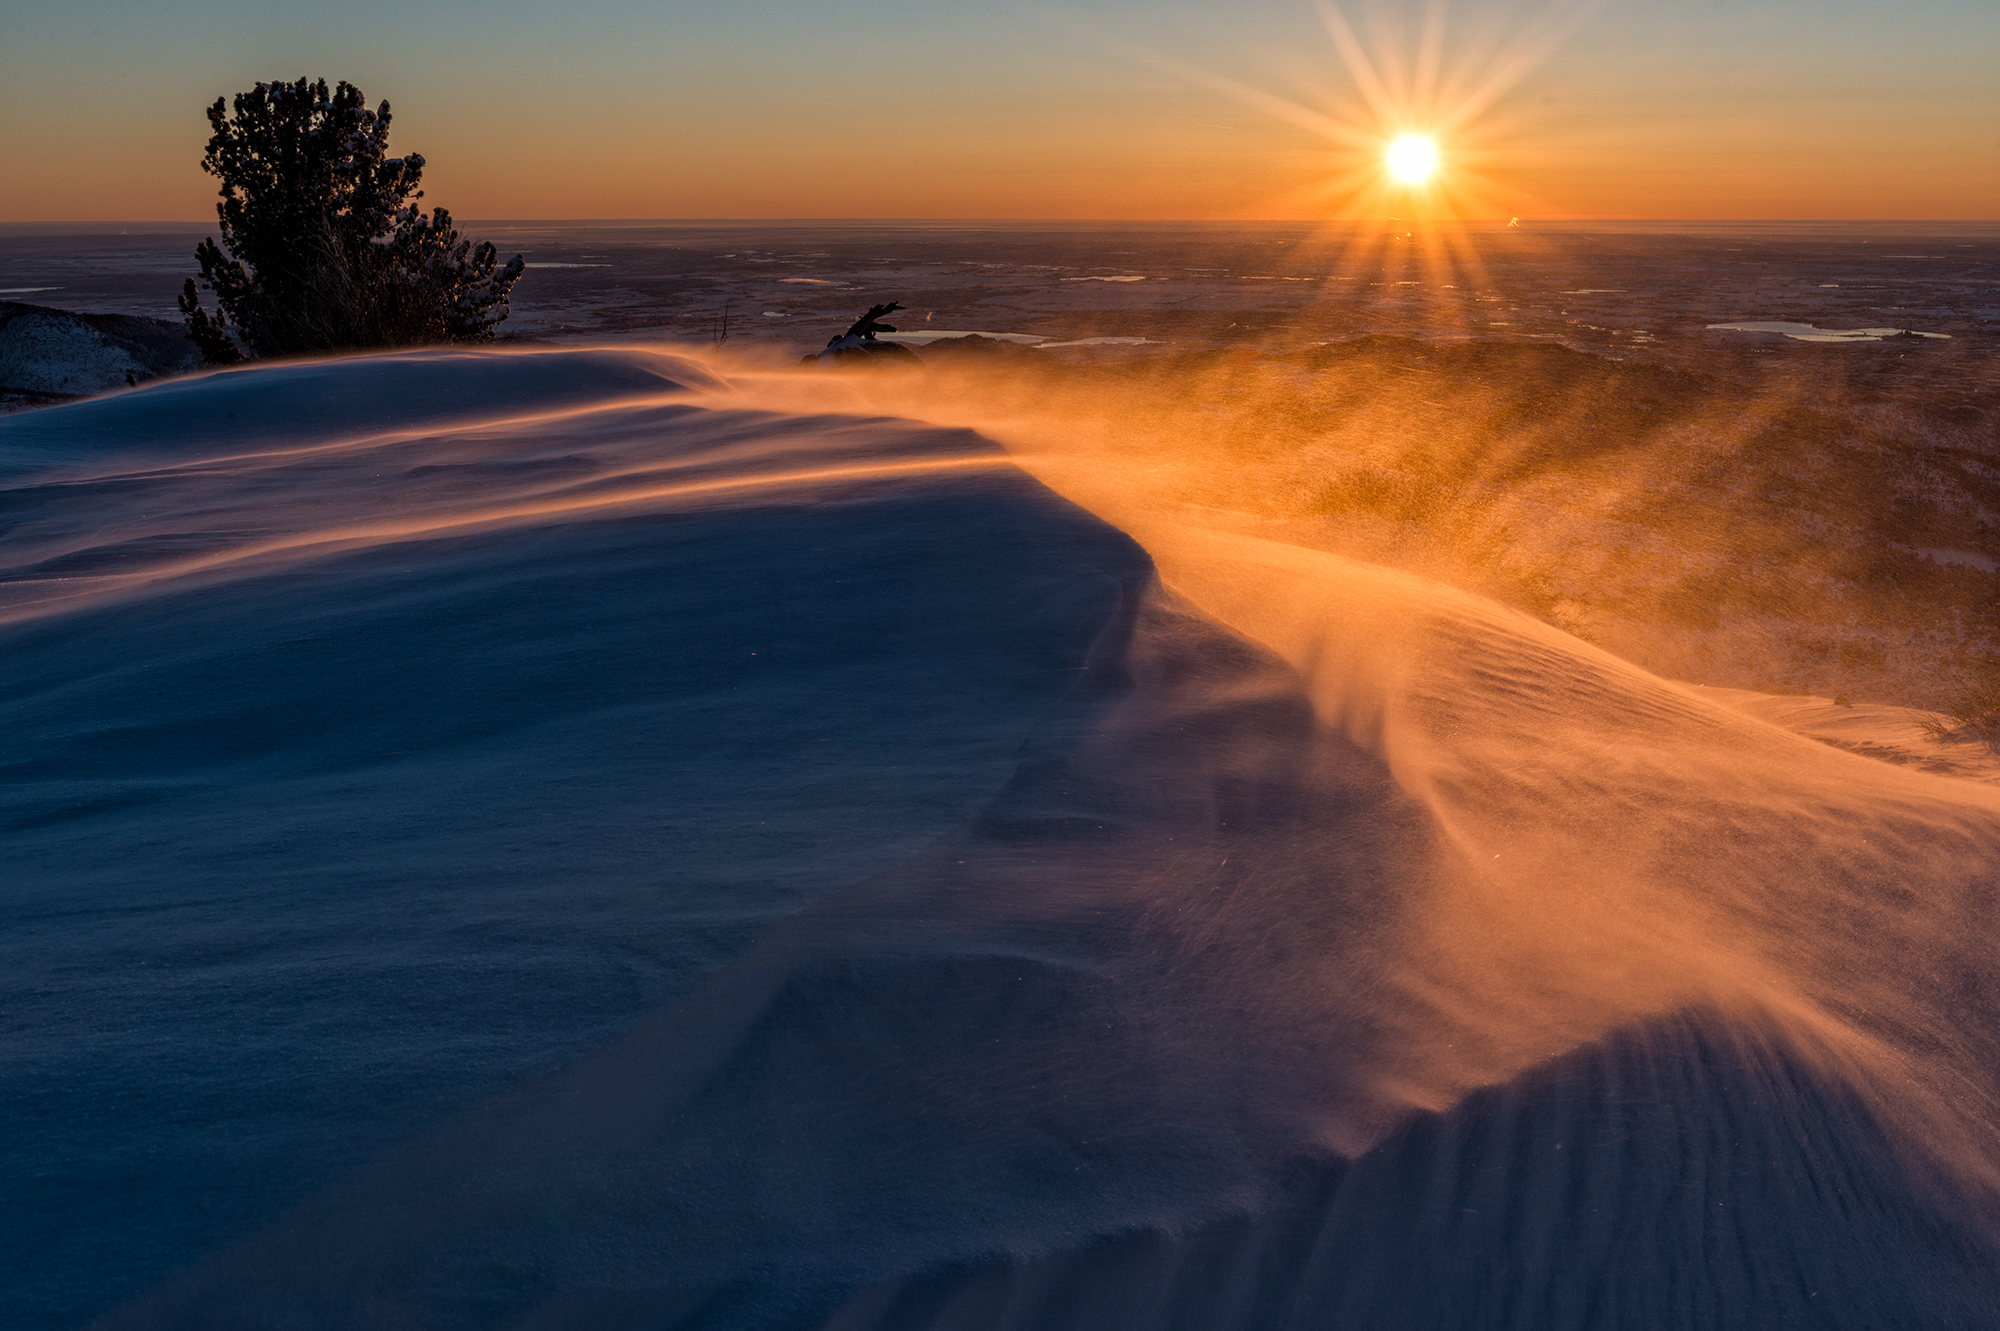 Sugarloaf, April Snow, #5. Sugarloaf Mountain, Colorado, 2017